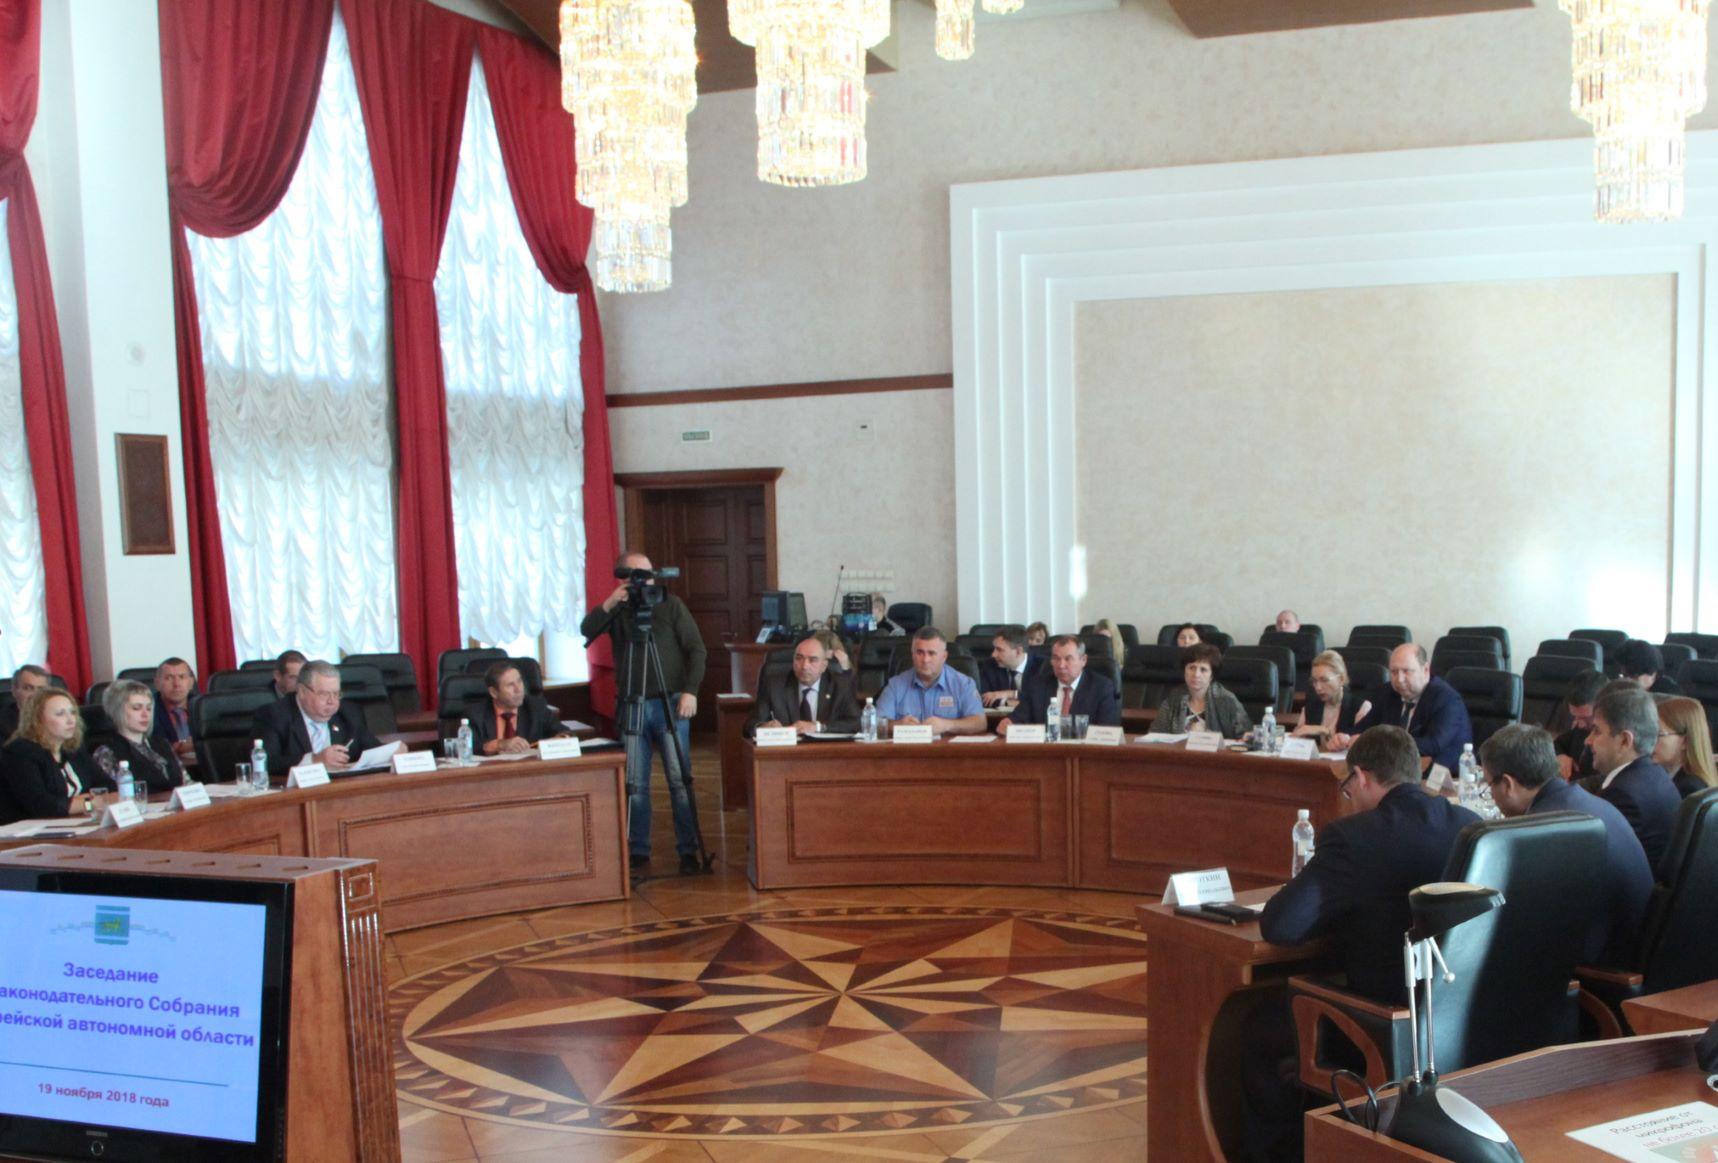 Законодатели РФ от ЕАО поздравляют депутатов с юбилеем Заксобрания